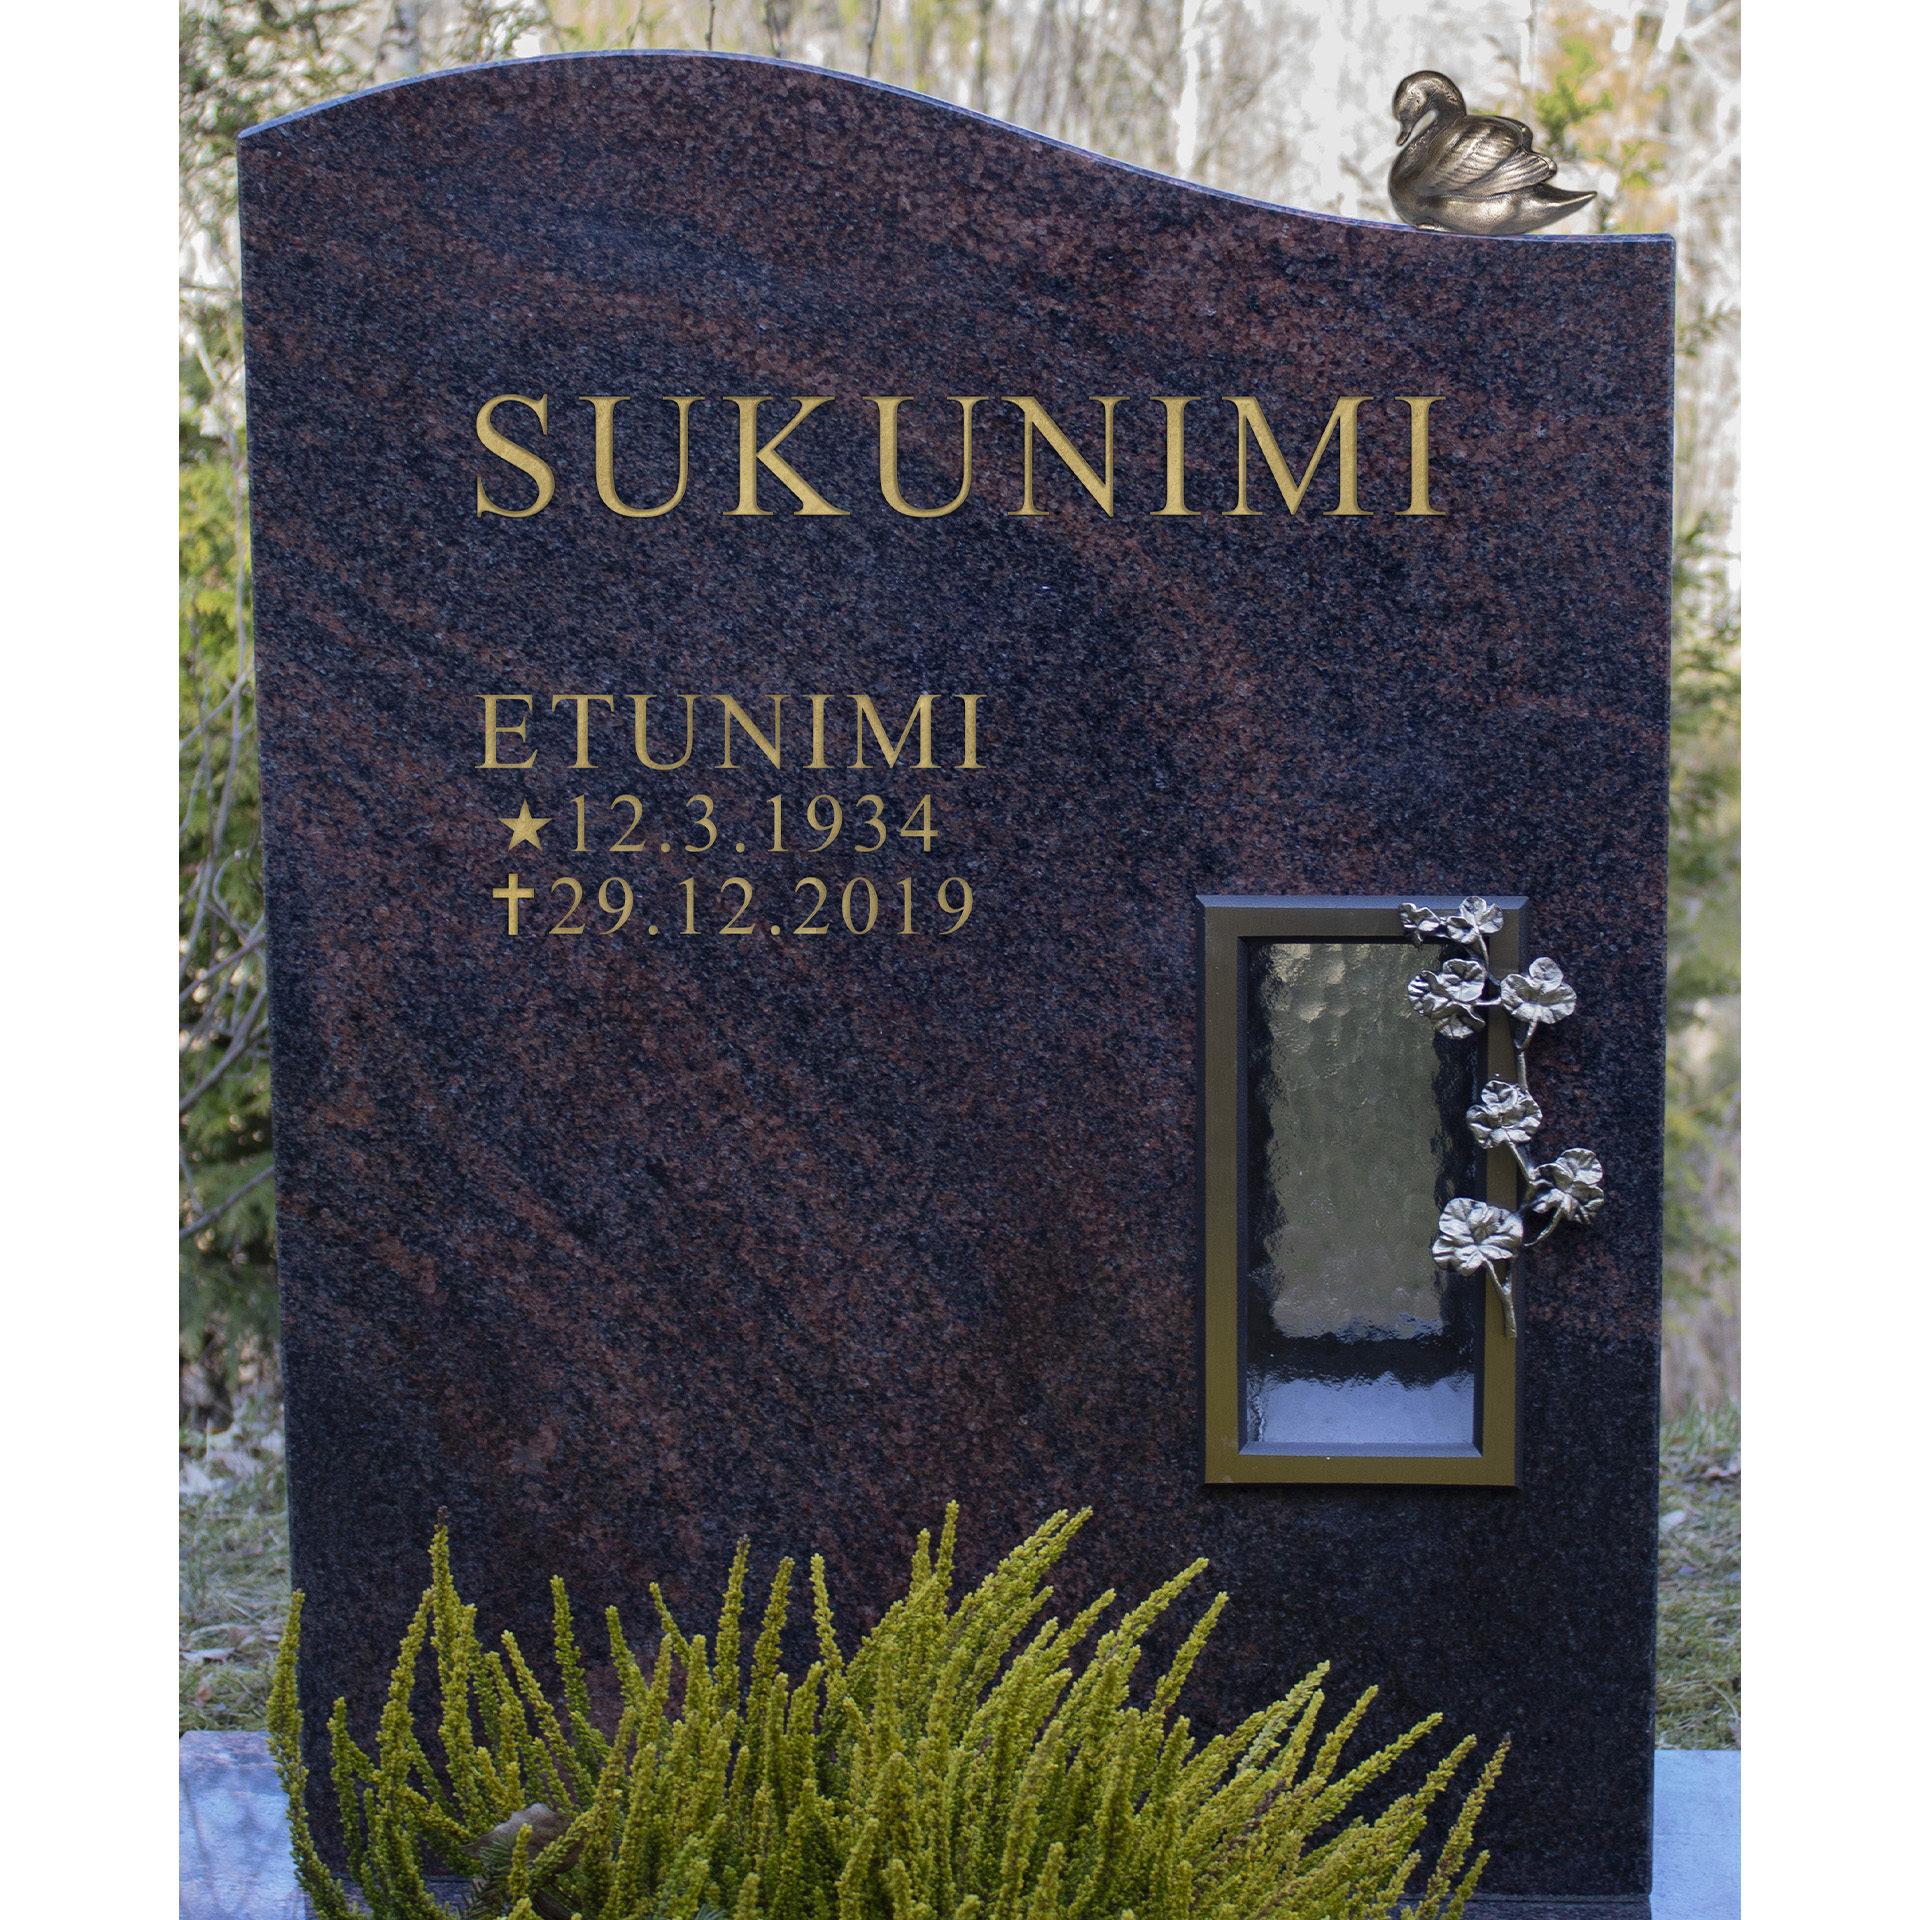 Kuvassa on hautakivi Muratti, joka on väritykseltään musta muutoin, paitsi siinä kulkee ympäriinsä punertavaa halkeama kuviointia. Hautakivessä on oikealla kynttilälle tarkoitettu syvennys.